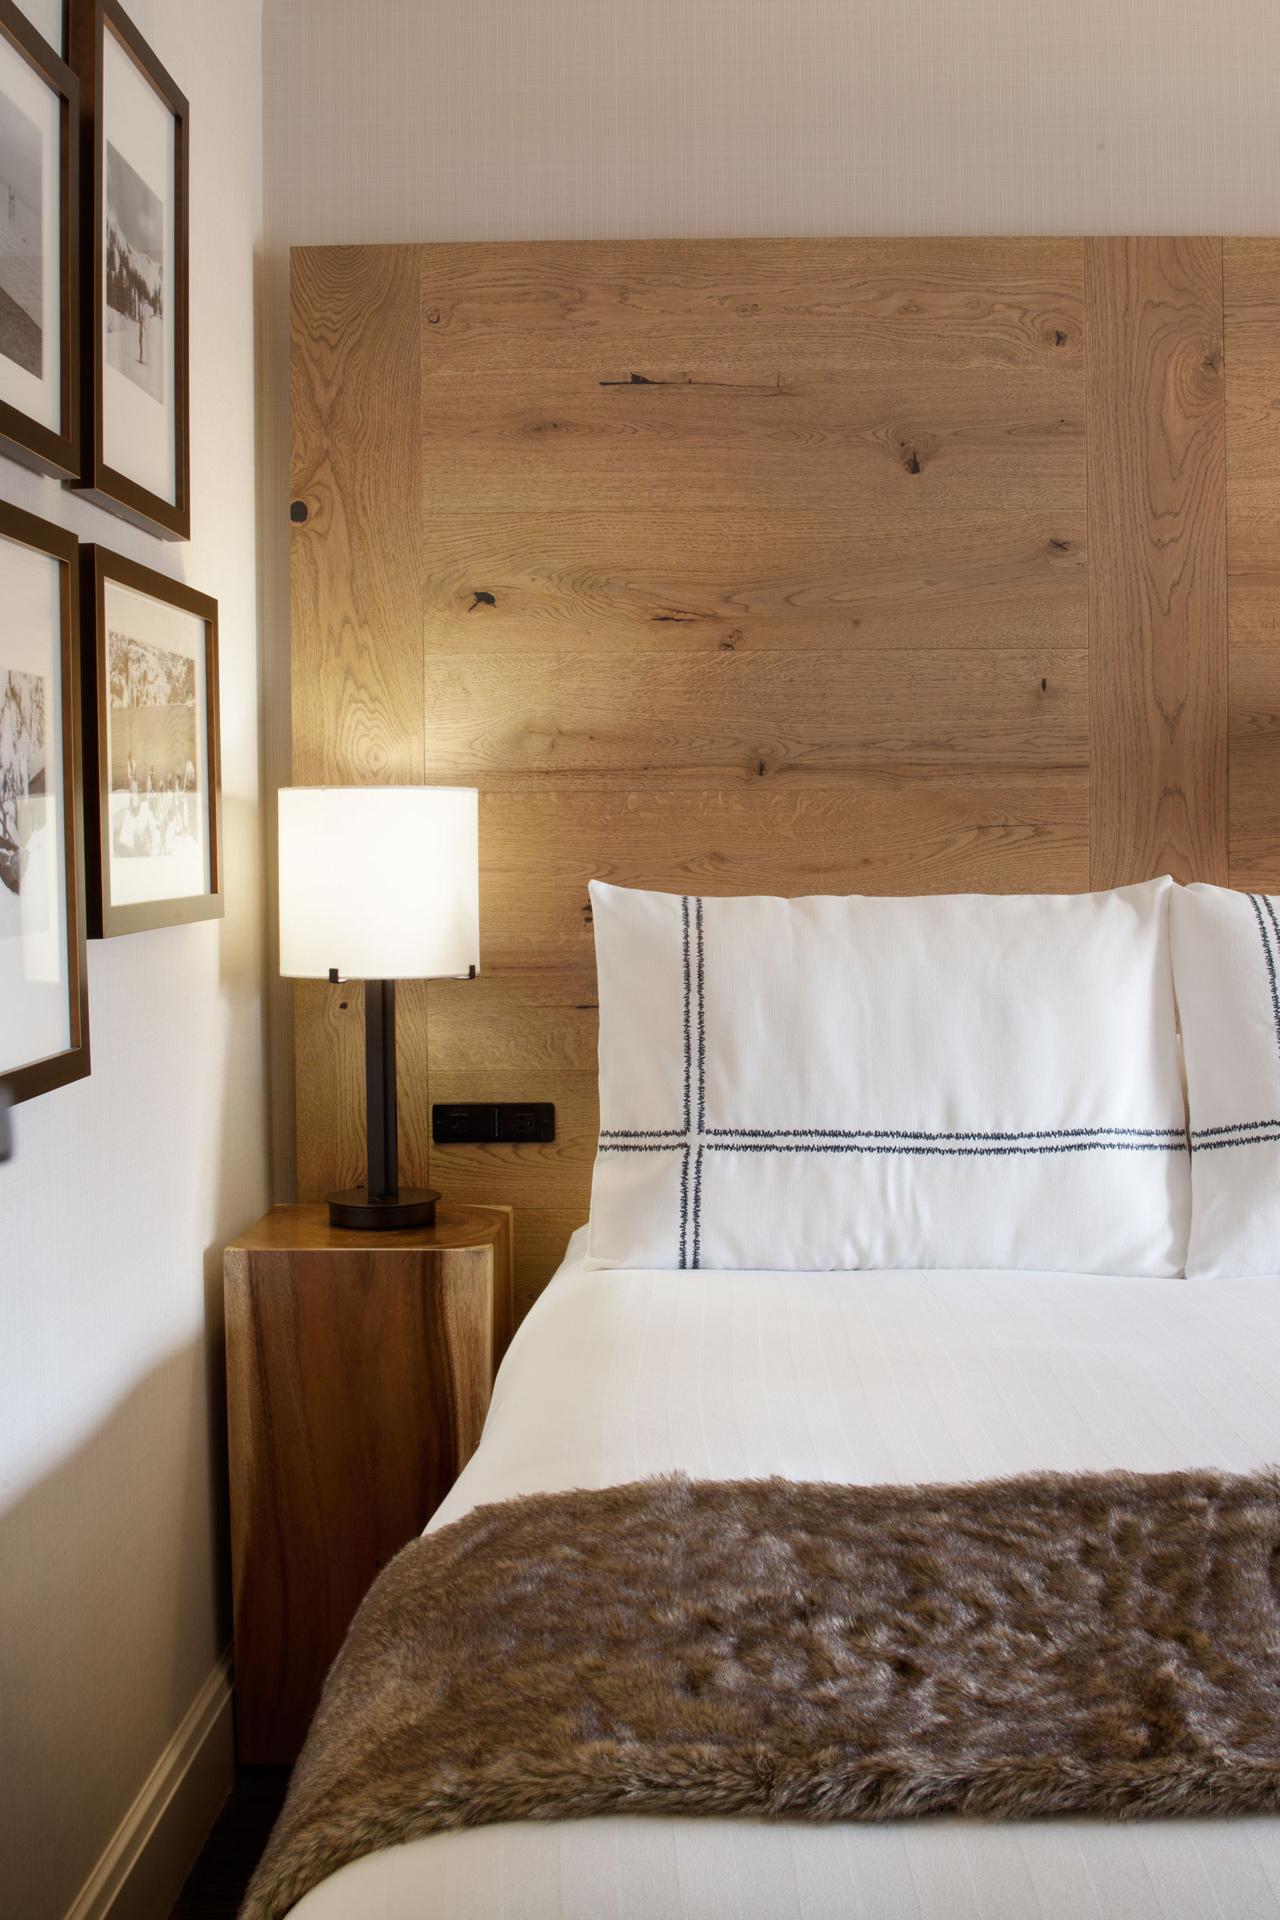 Hyatt Lake Tahoe Guestrooms interiors design